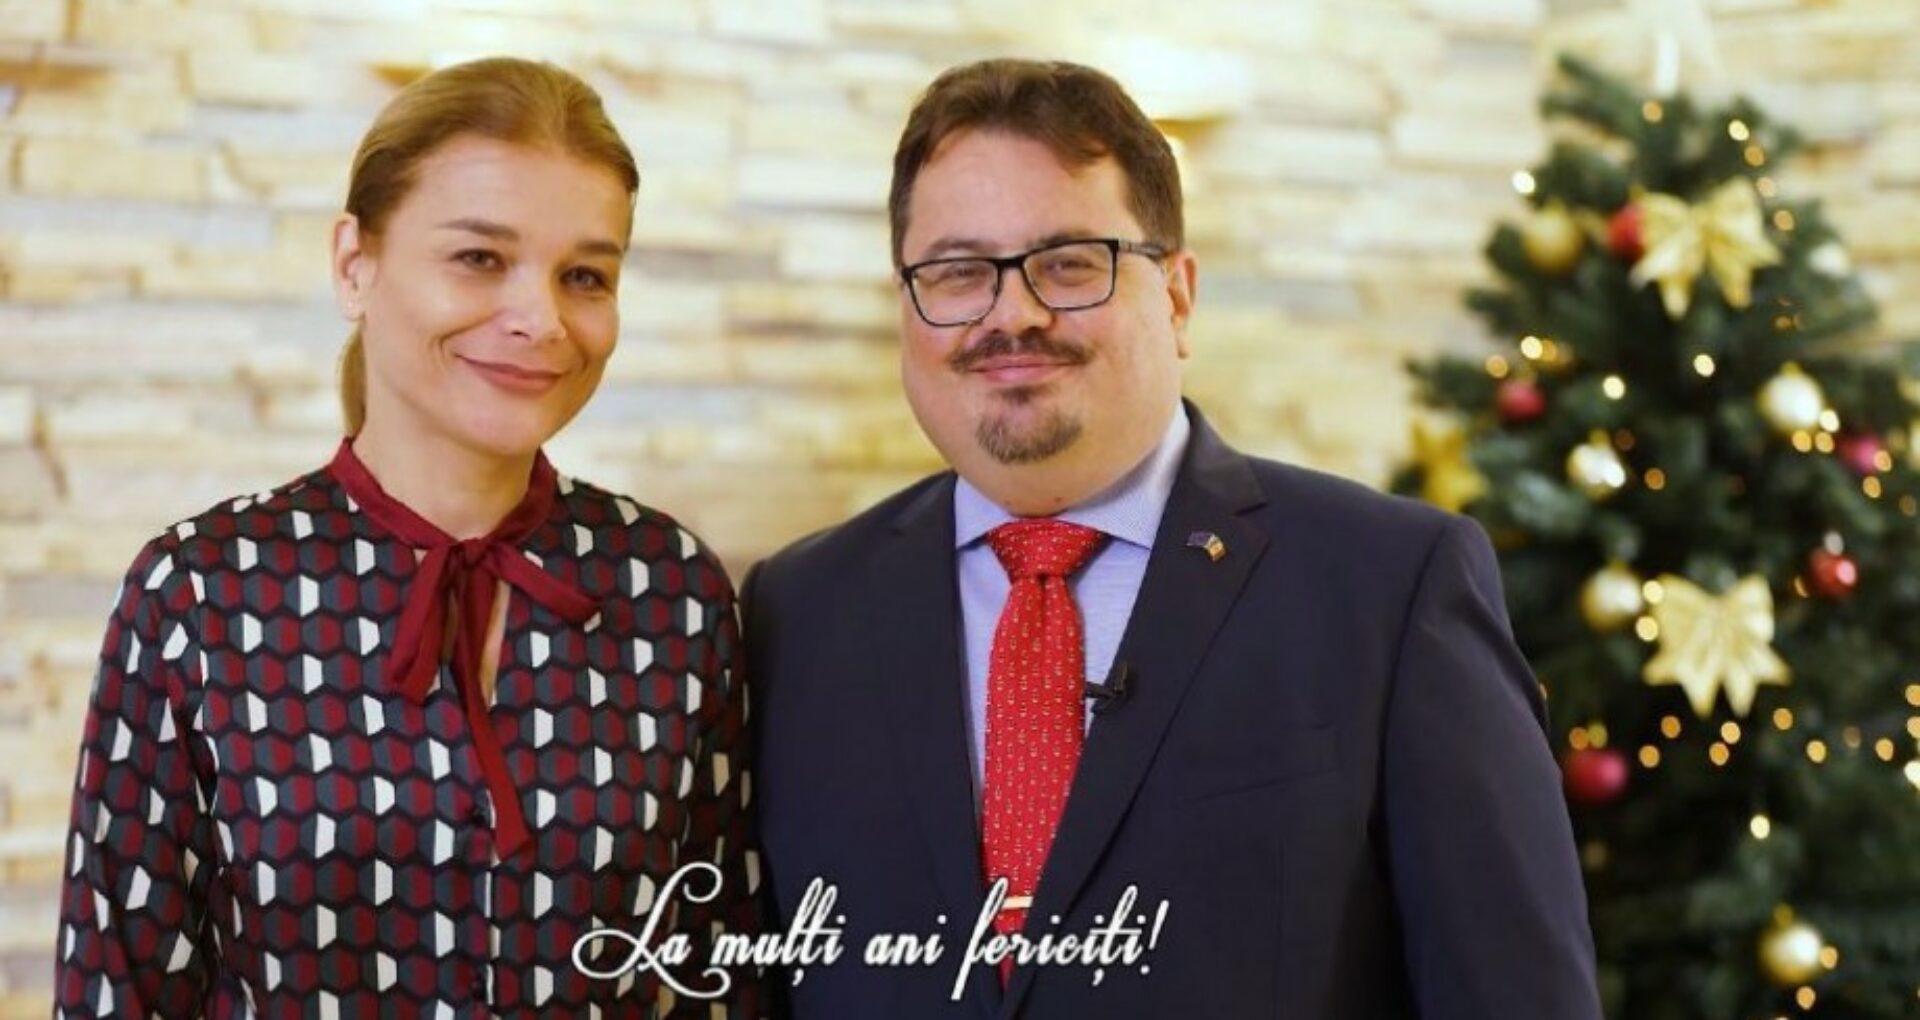 Ambasadorul Uniunii Europene: În seara magică a colindelor vă dorim să ningă asupra voastră cu pace, voie bună și prosperitate